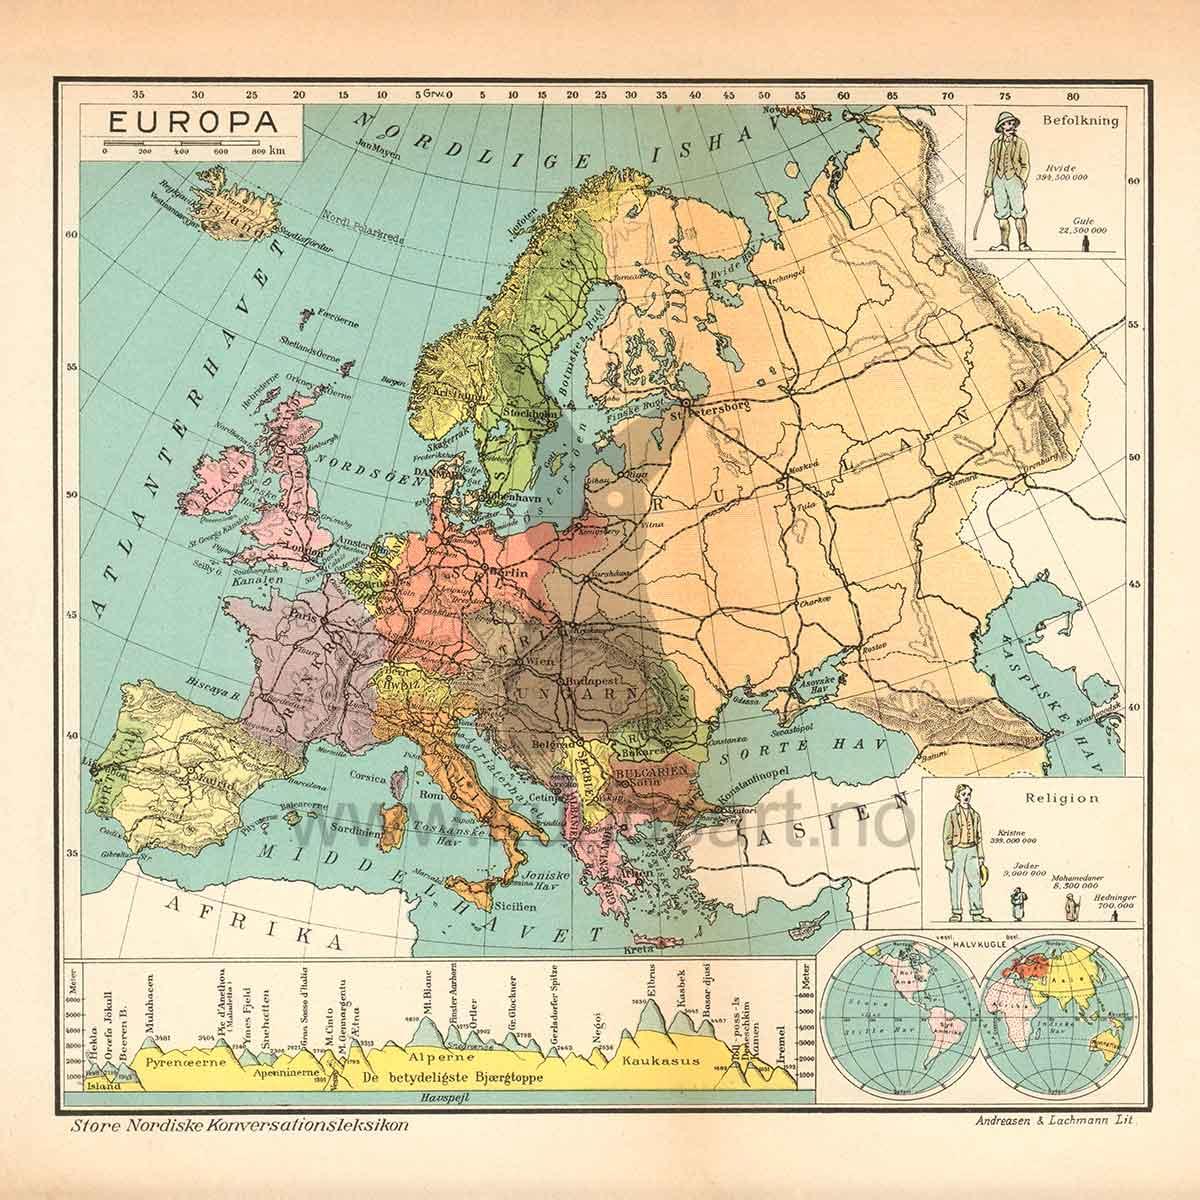 verdensdeler kart 6 Kart over verdensdeler, Opptrykk | Kuriosart verdensdeler kart